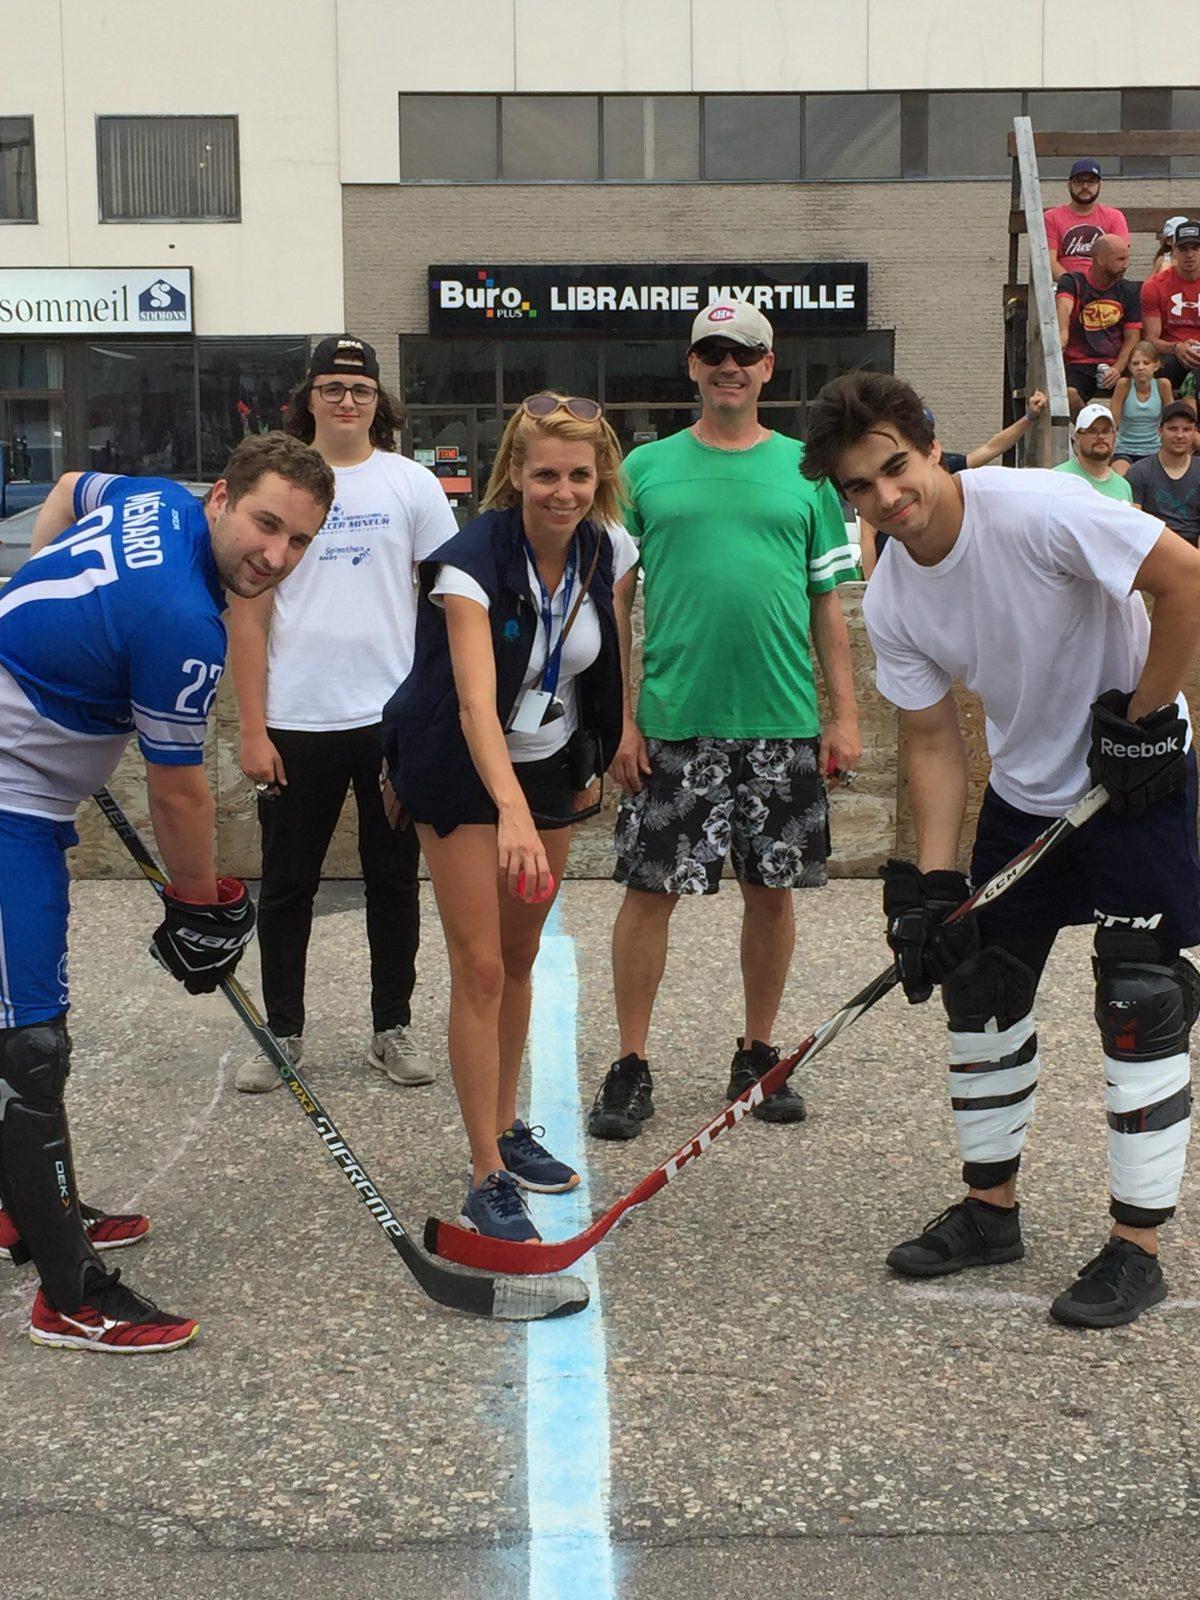 En images: le tournoi de hockey balle et le défilé du Festival du Bleuet